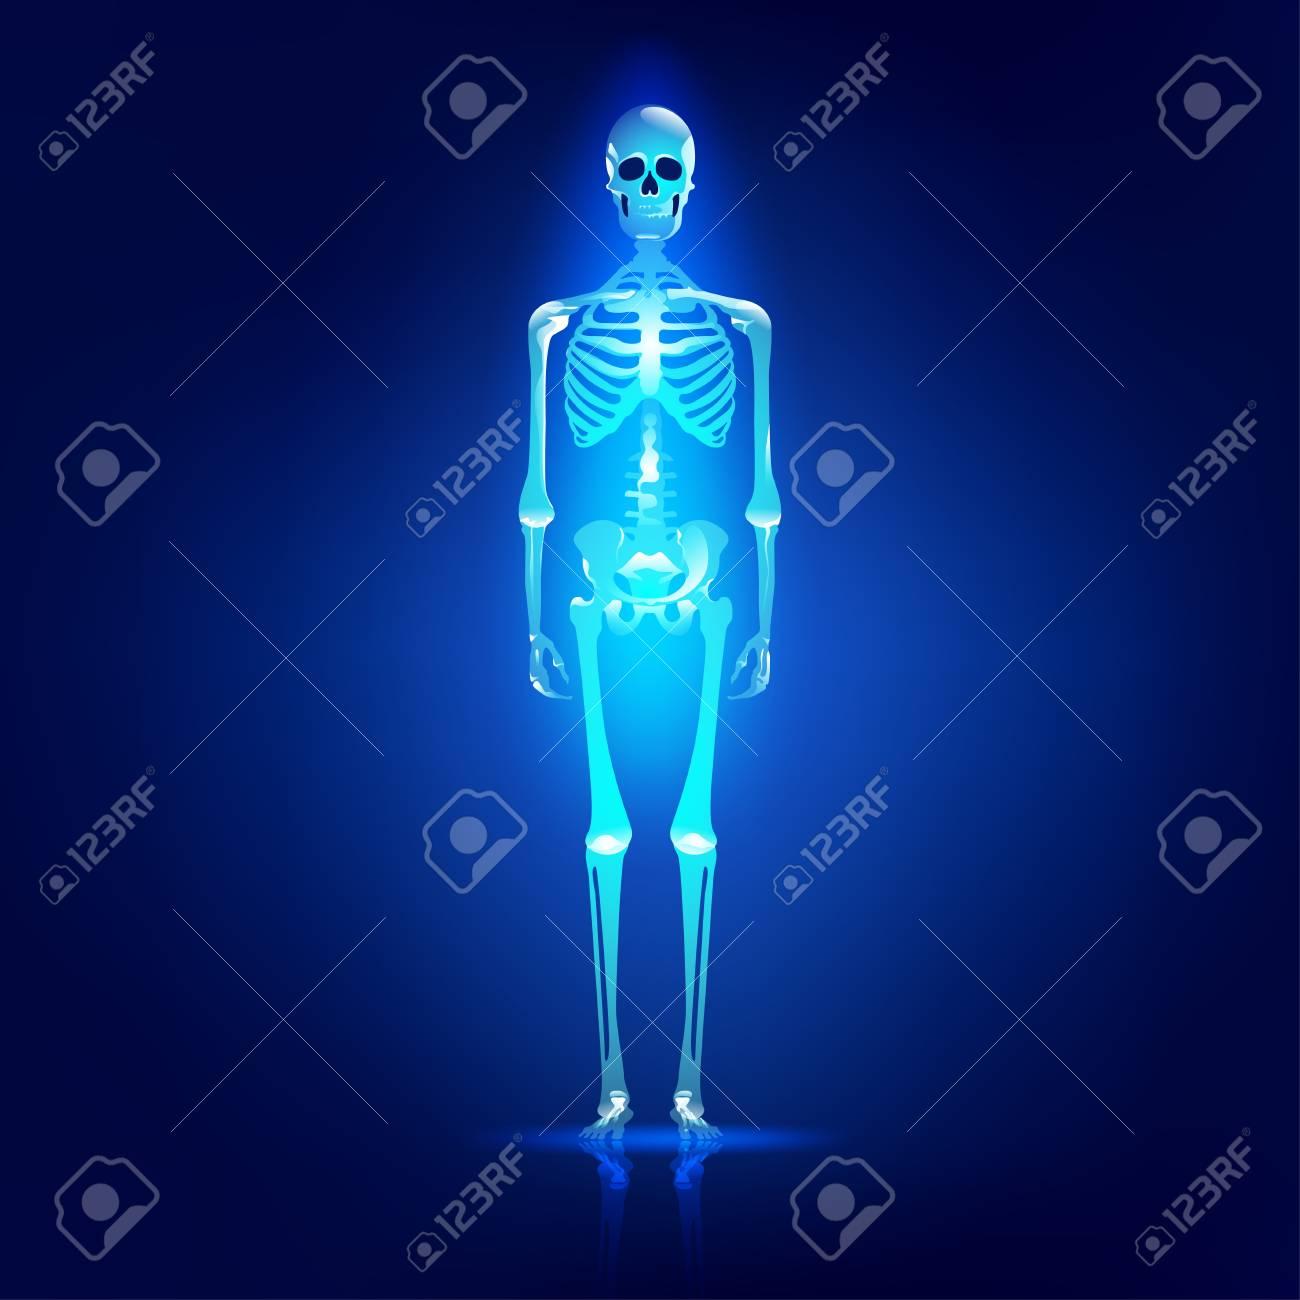 Principales Partes Del Sistema De Esqueleto Humano, Cráneo Brillante ...